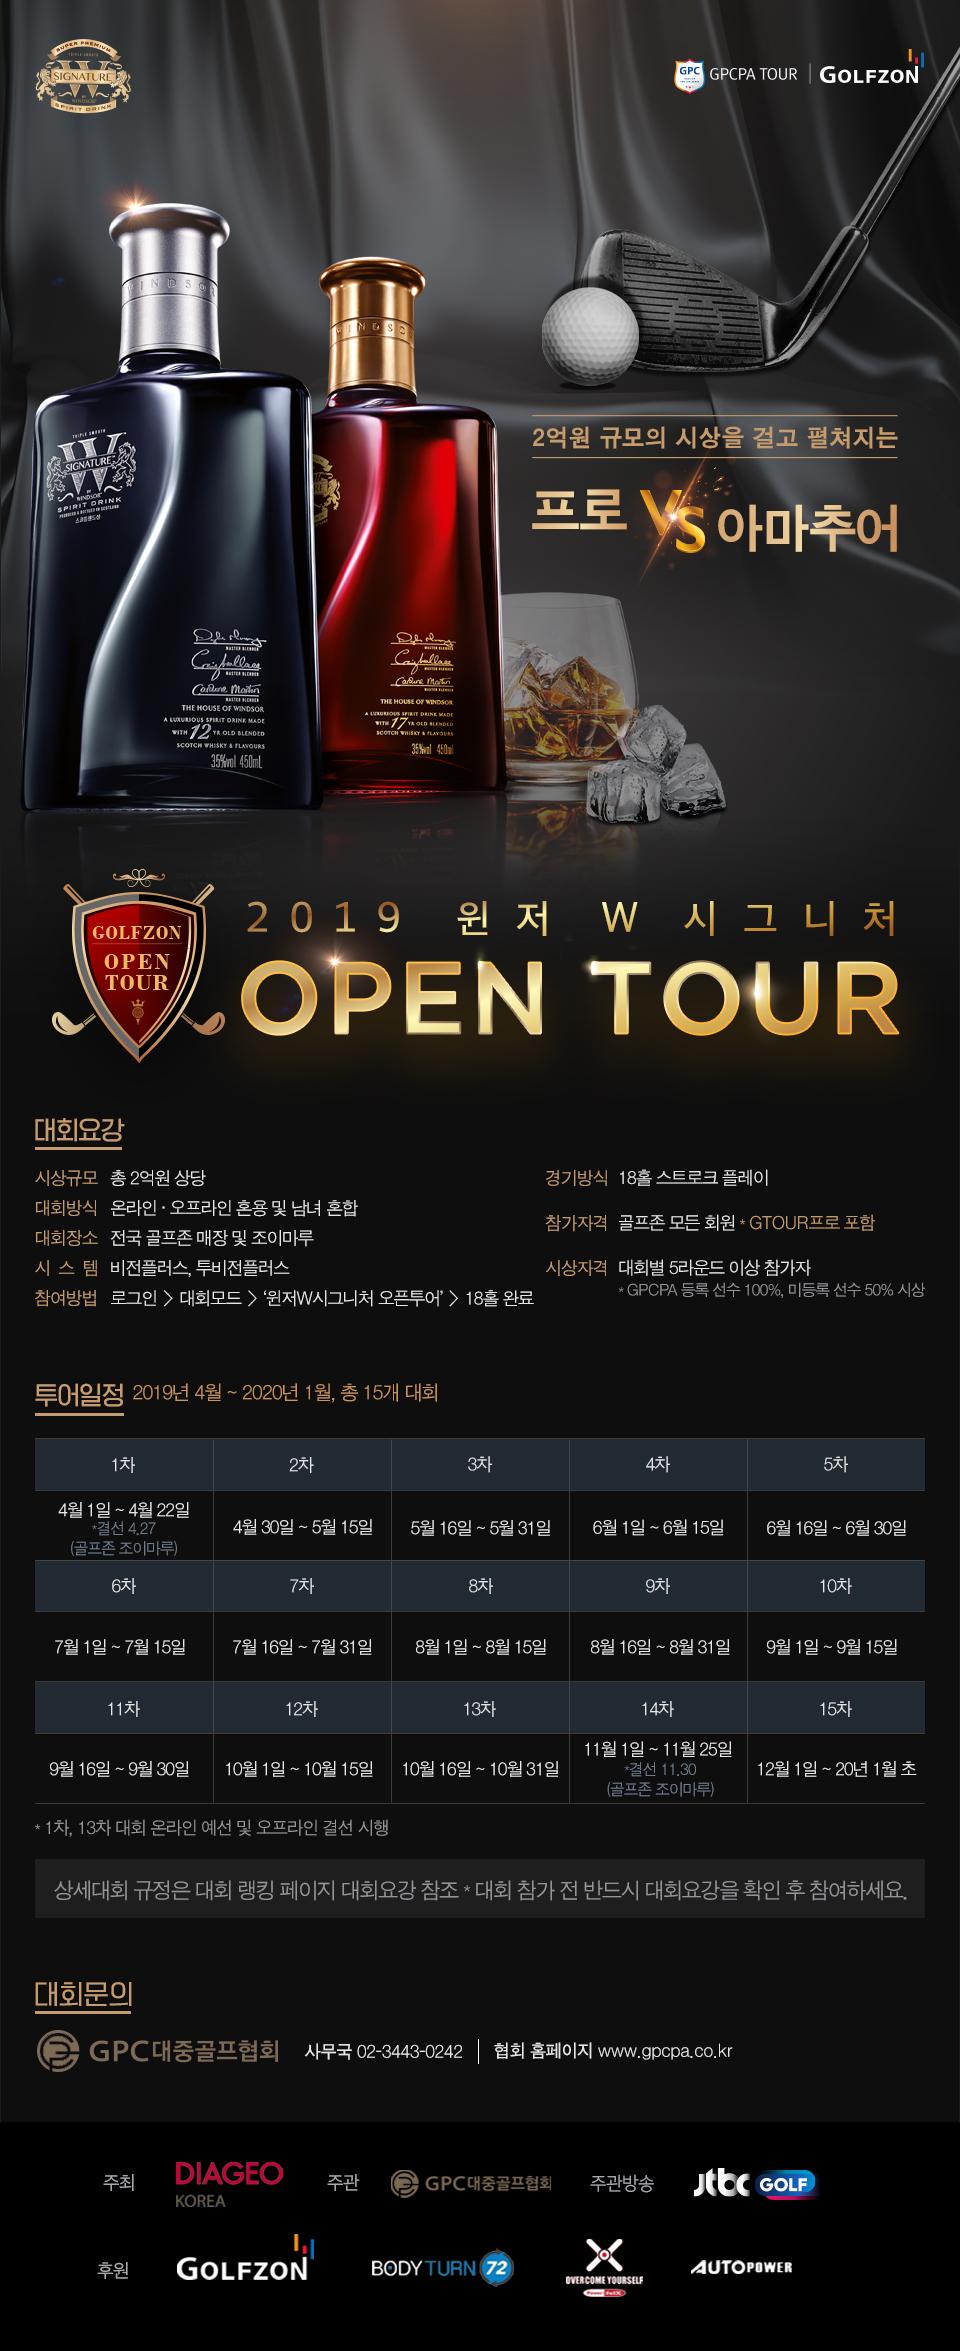 2019 윈저 W 시그니처 OPEN TOUR 3차